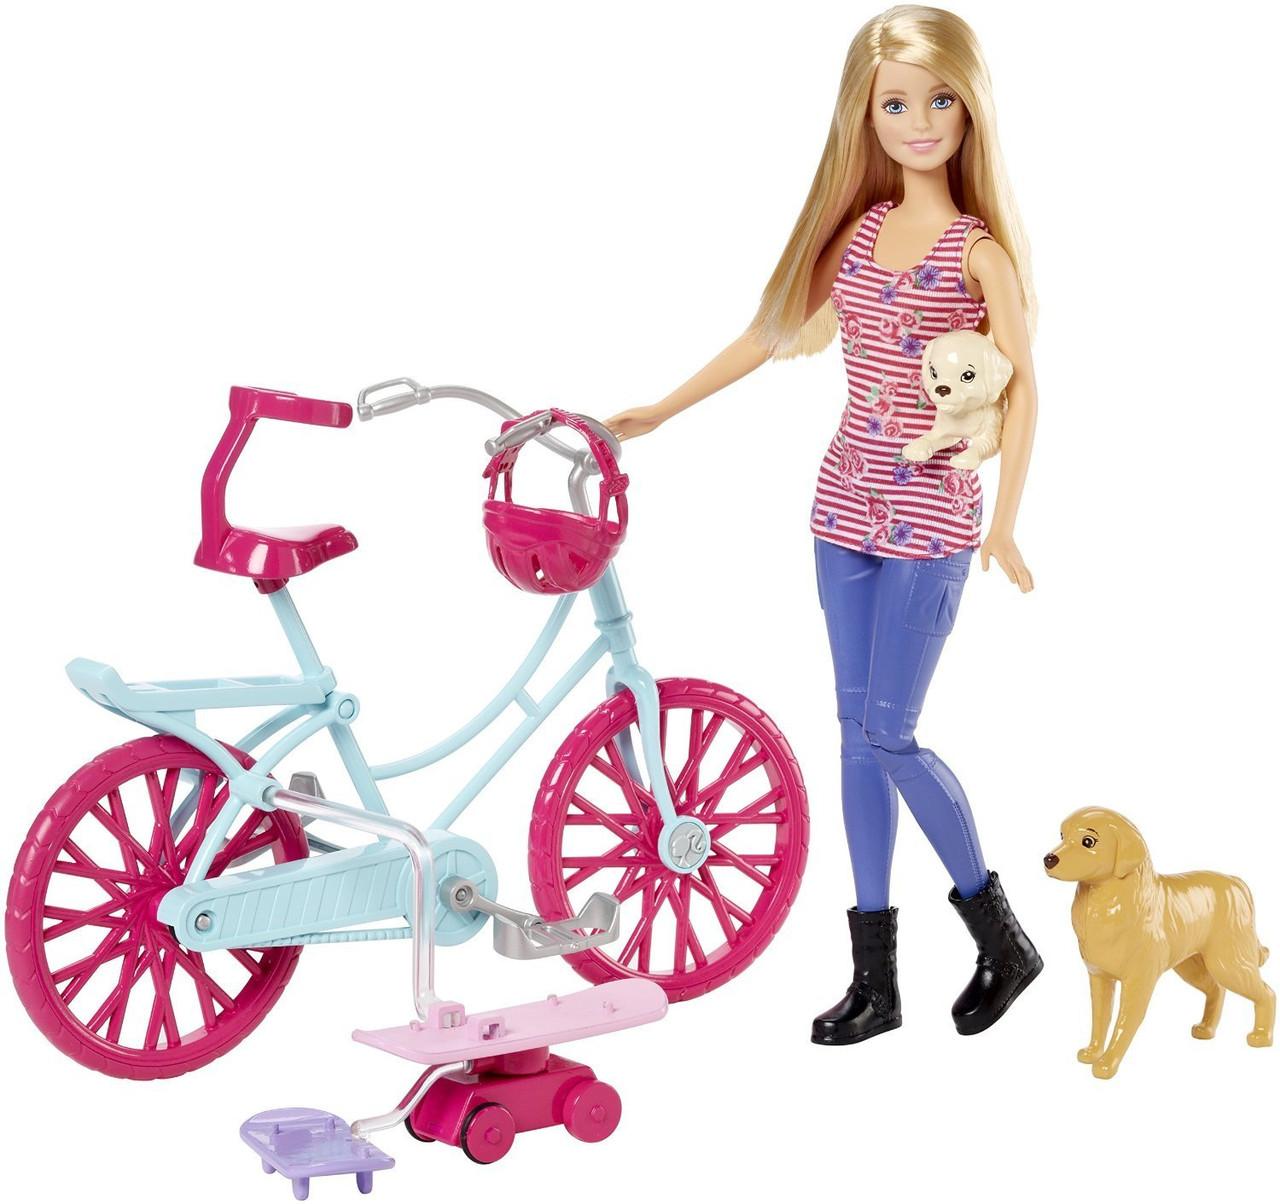 Игровой набор Барби на велосипеде с собачками Barbie Spin 'N Ride Pups